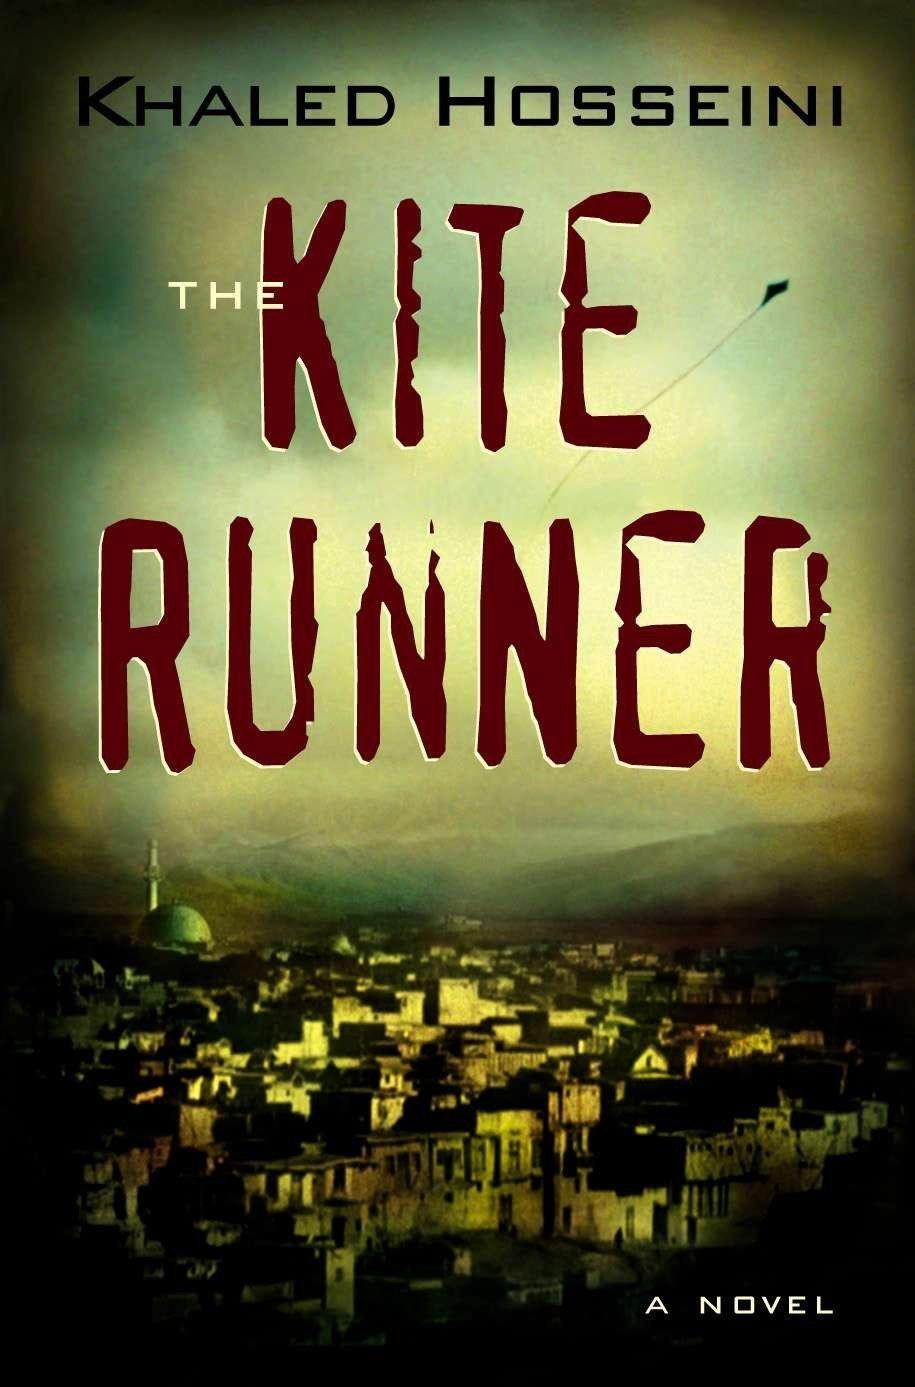 The Kite Runner – Khaled Hosseini